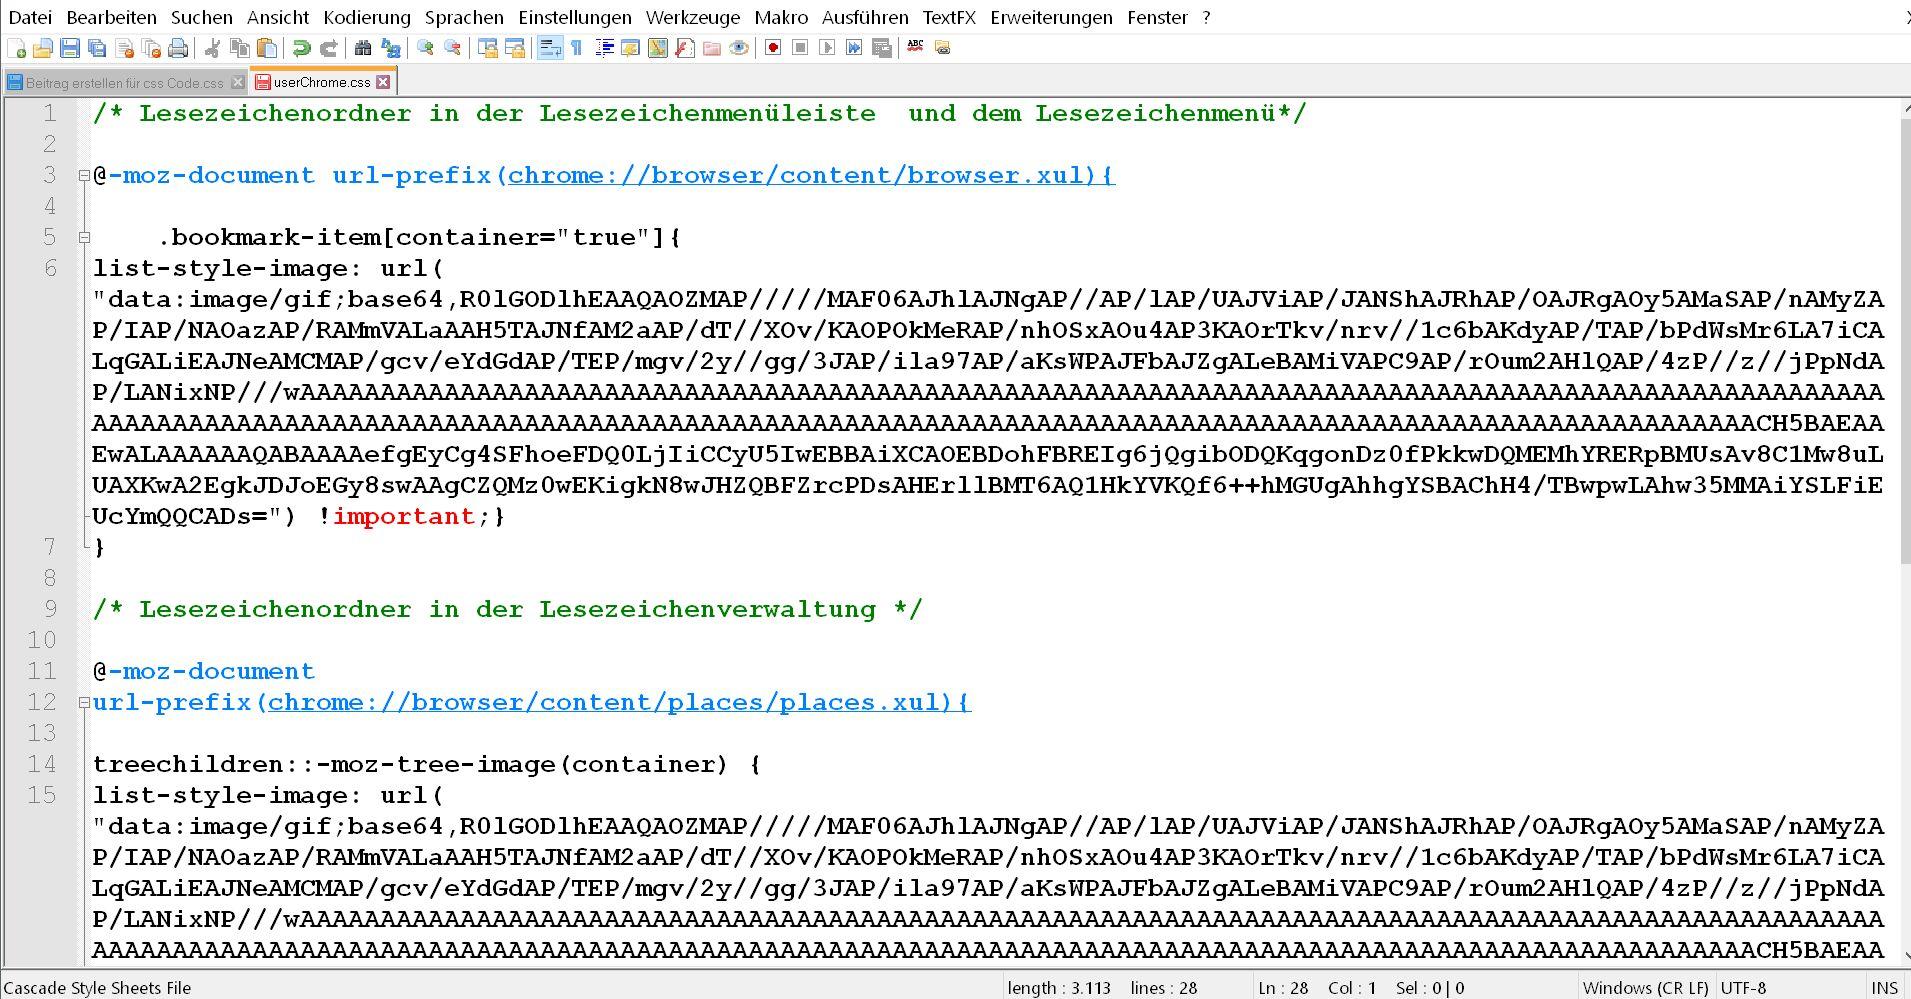 code in userchrome.css - Firefox Den Lesezeichenordnern ein anderes Icon vergeben